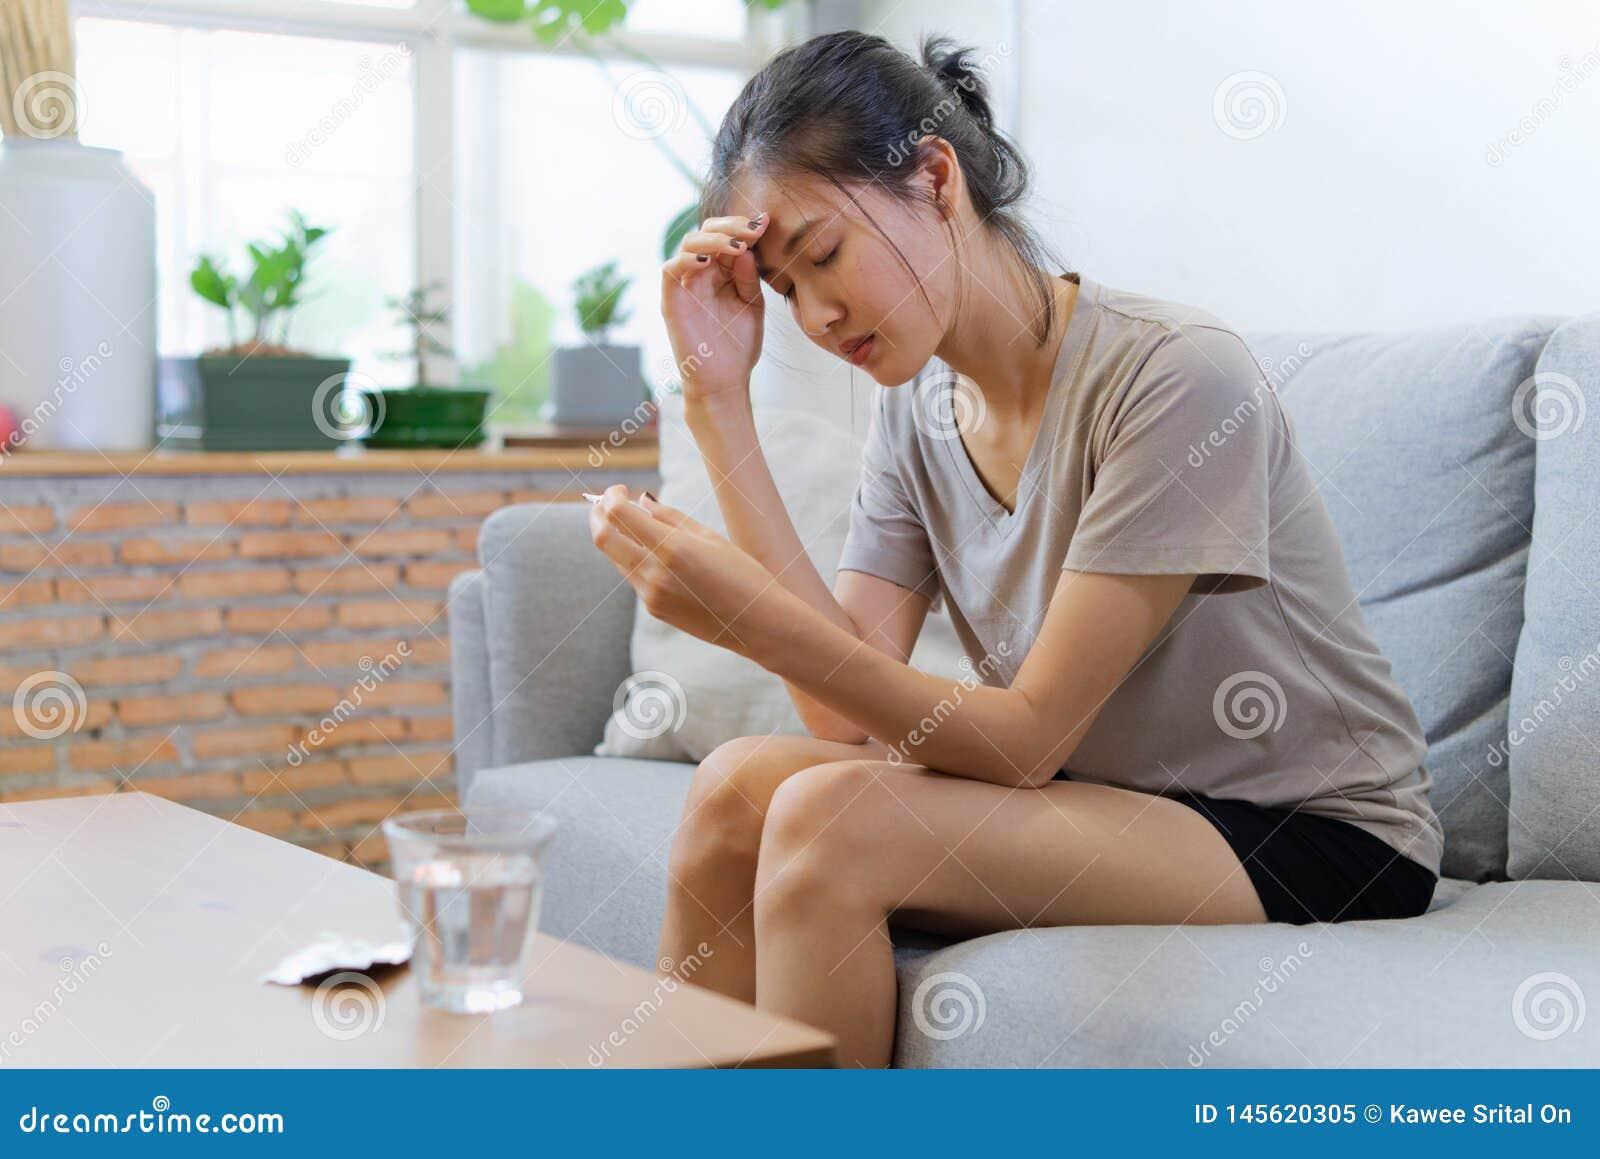 Οι νέες ασιατικές γυναίκες στον καναπέ που κλείνει τα μάτια της πάσχουν από τον πονοκέφαλο και έχουν κάποιο πυρετό